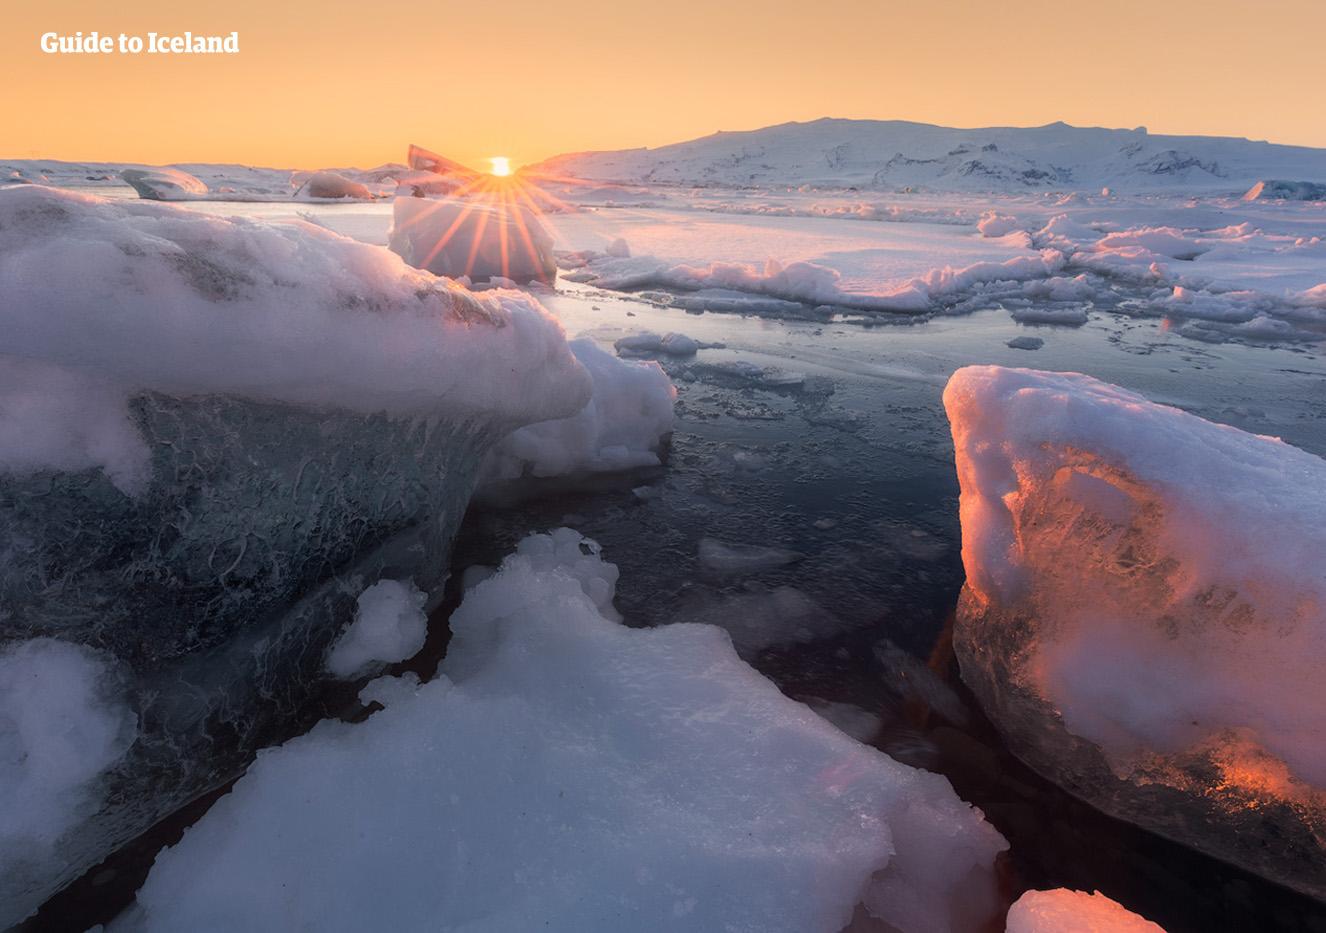 Jökulsárlón, a glacier lagoon on the South Coast of Iceland.